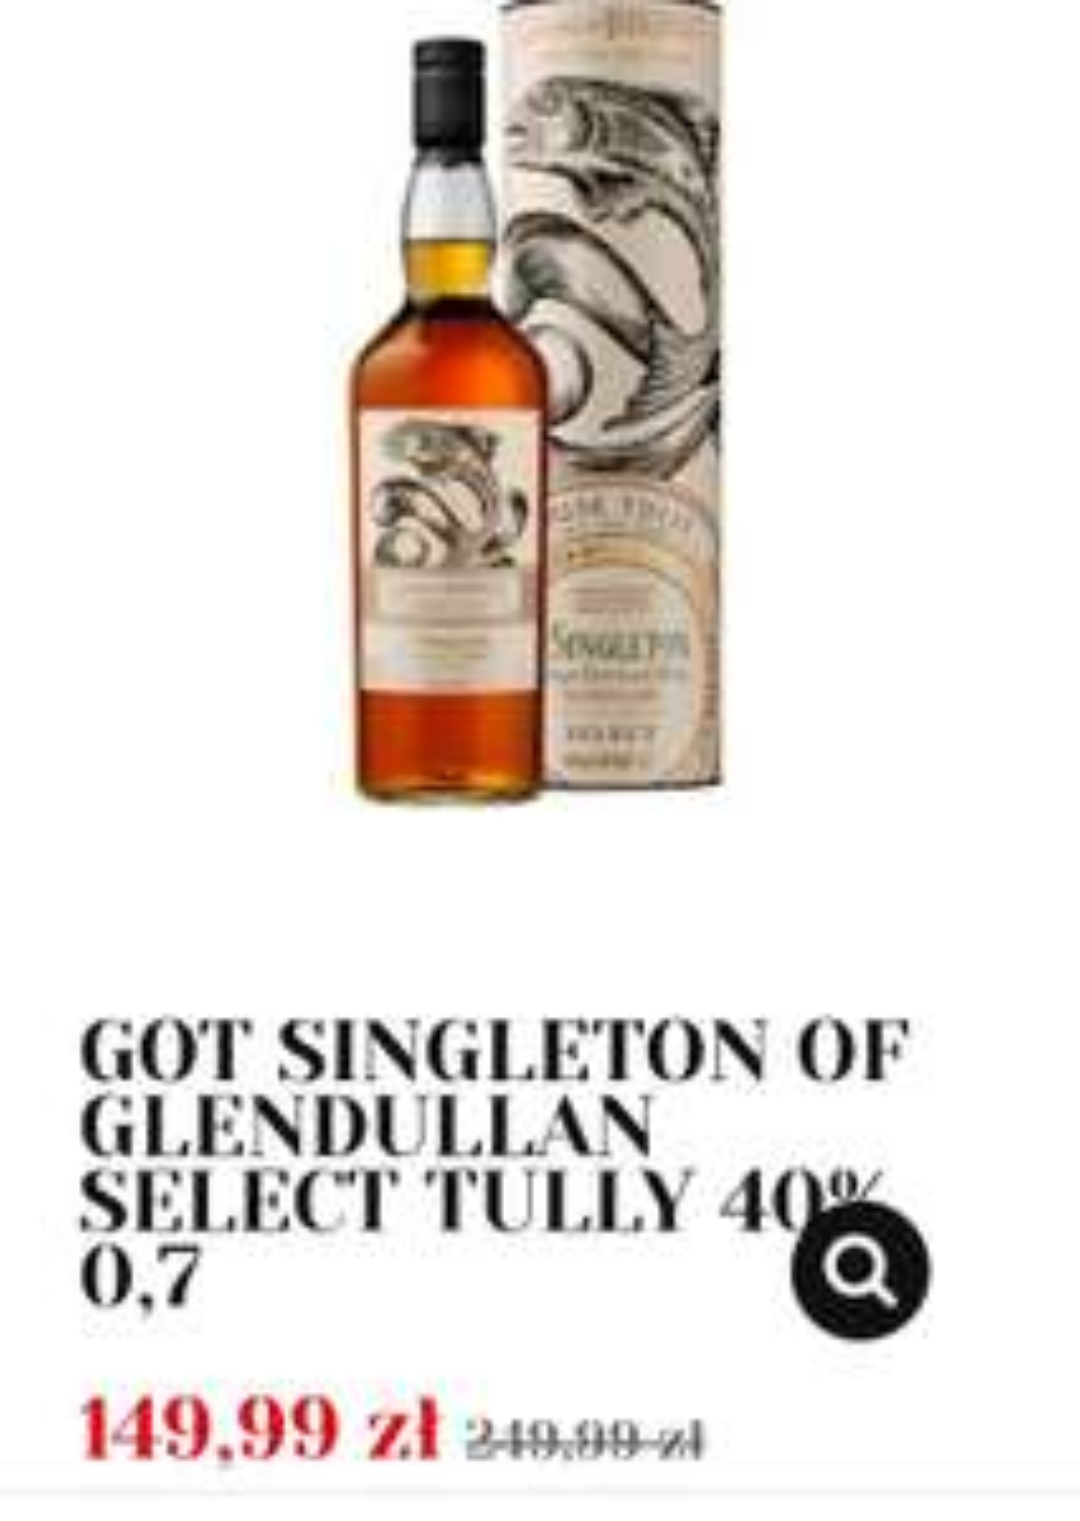 Whisky z serii GOT w Alkooutlet linki w opisie